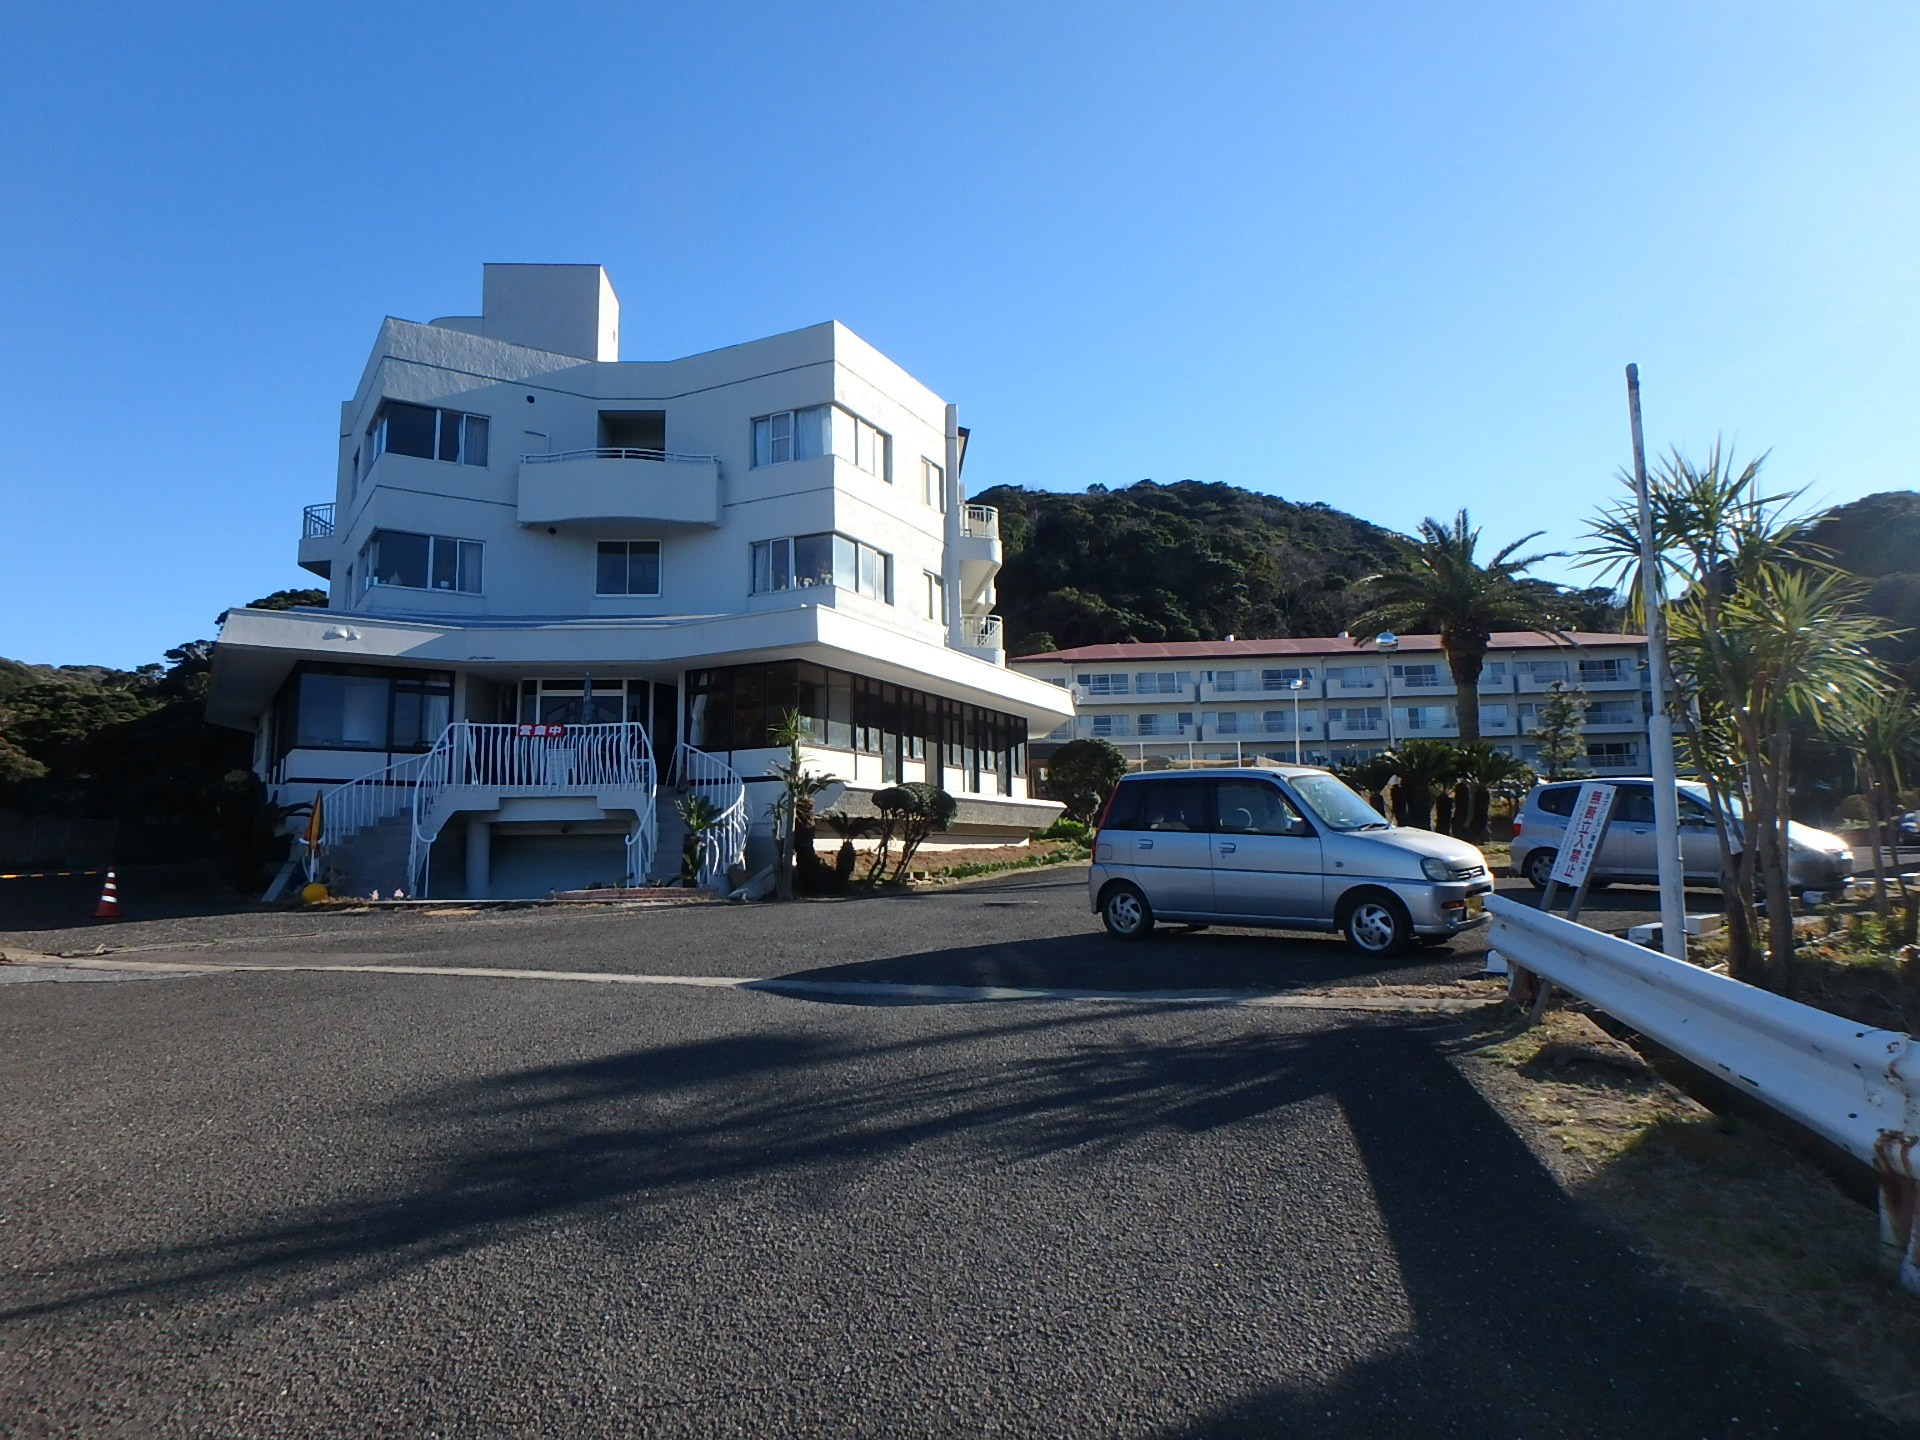 千葉県館山市洲崎の売りマンション 海の別荘 釣りの基地